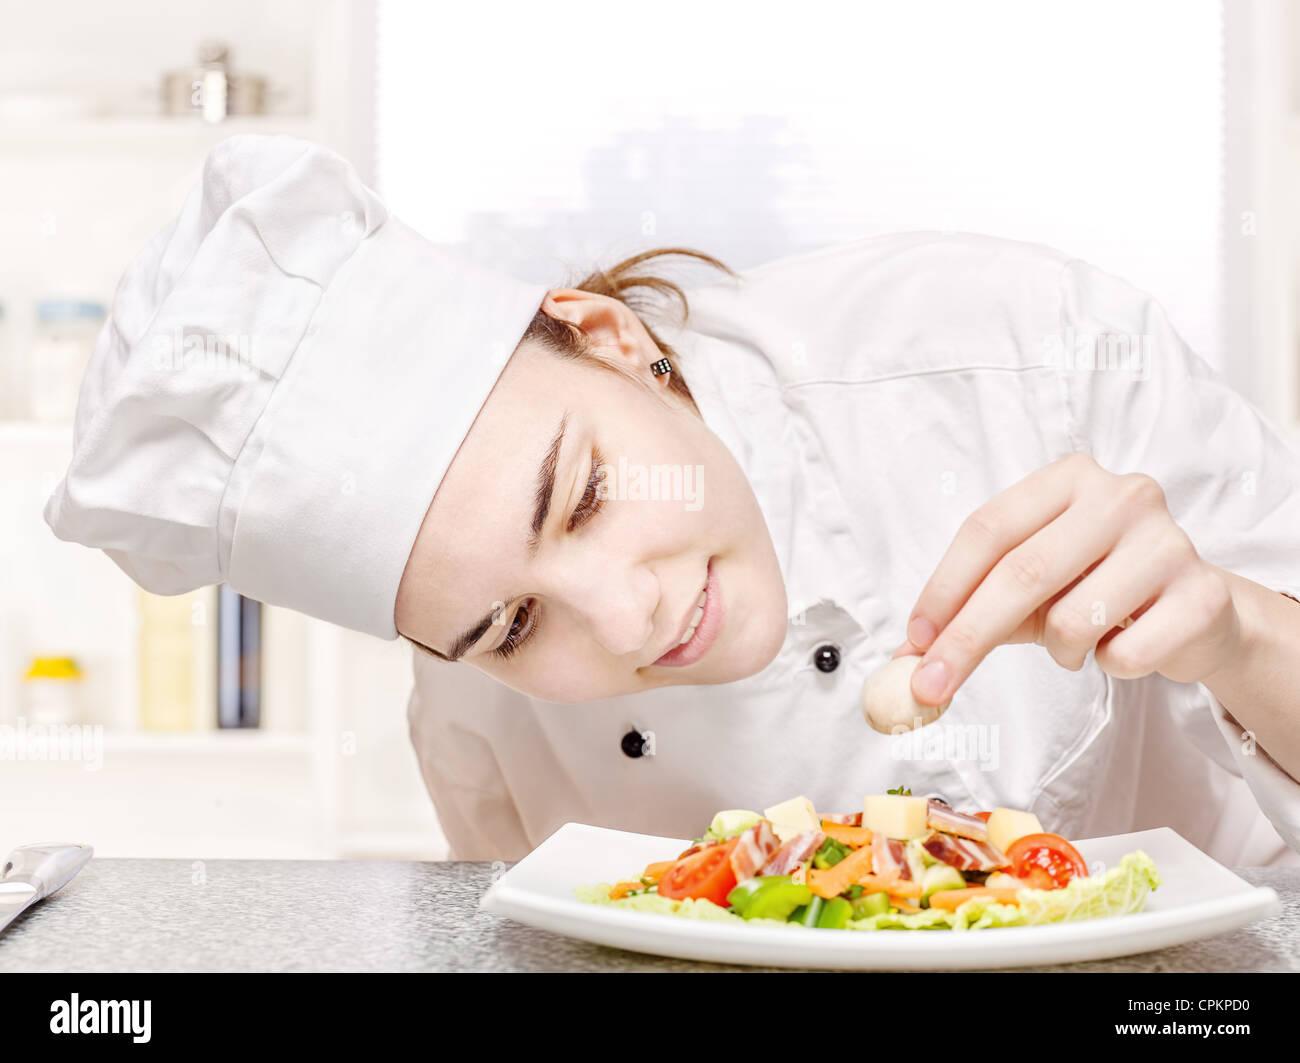 Jeune chef decorating délicieuse salade Photo Stock